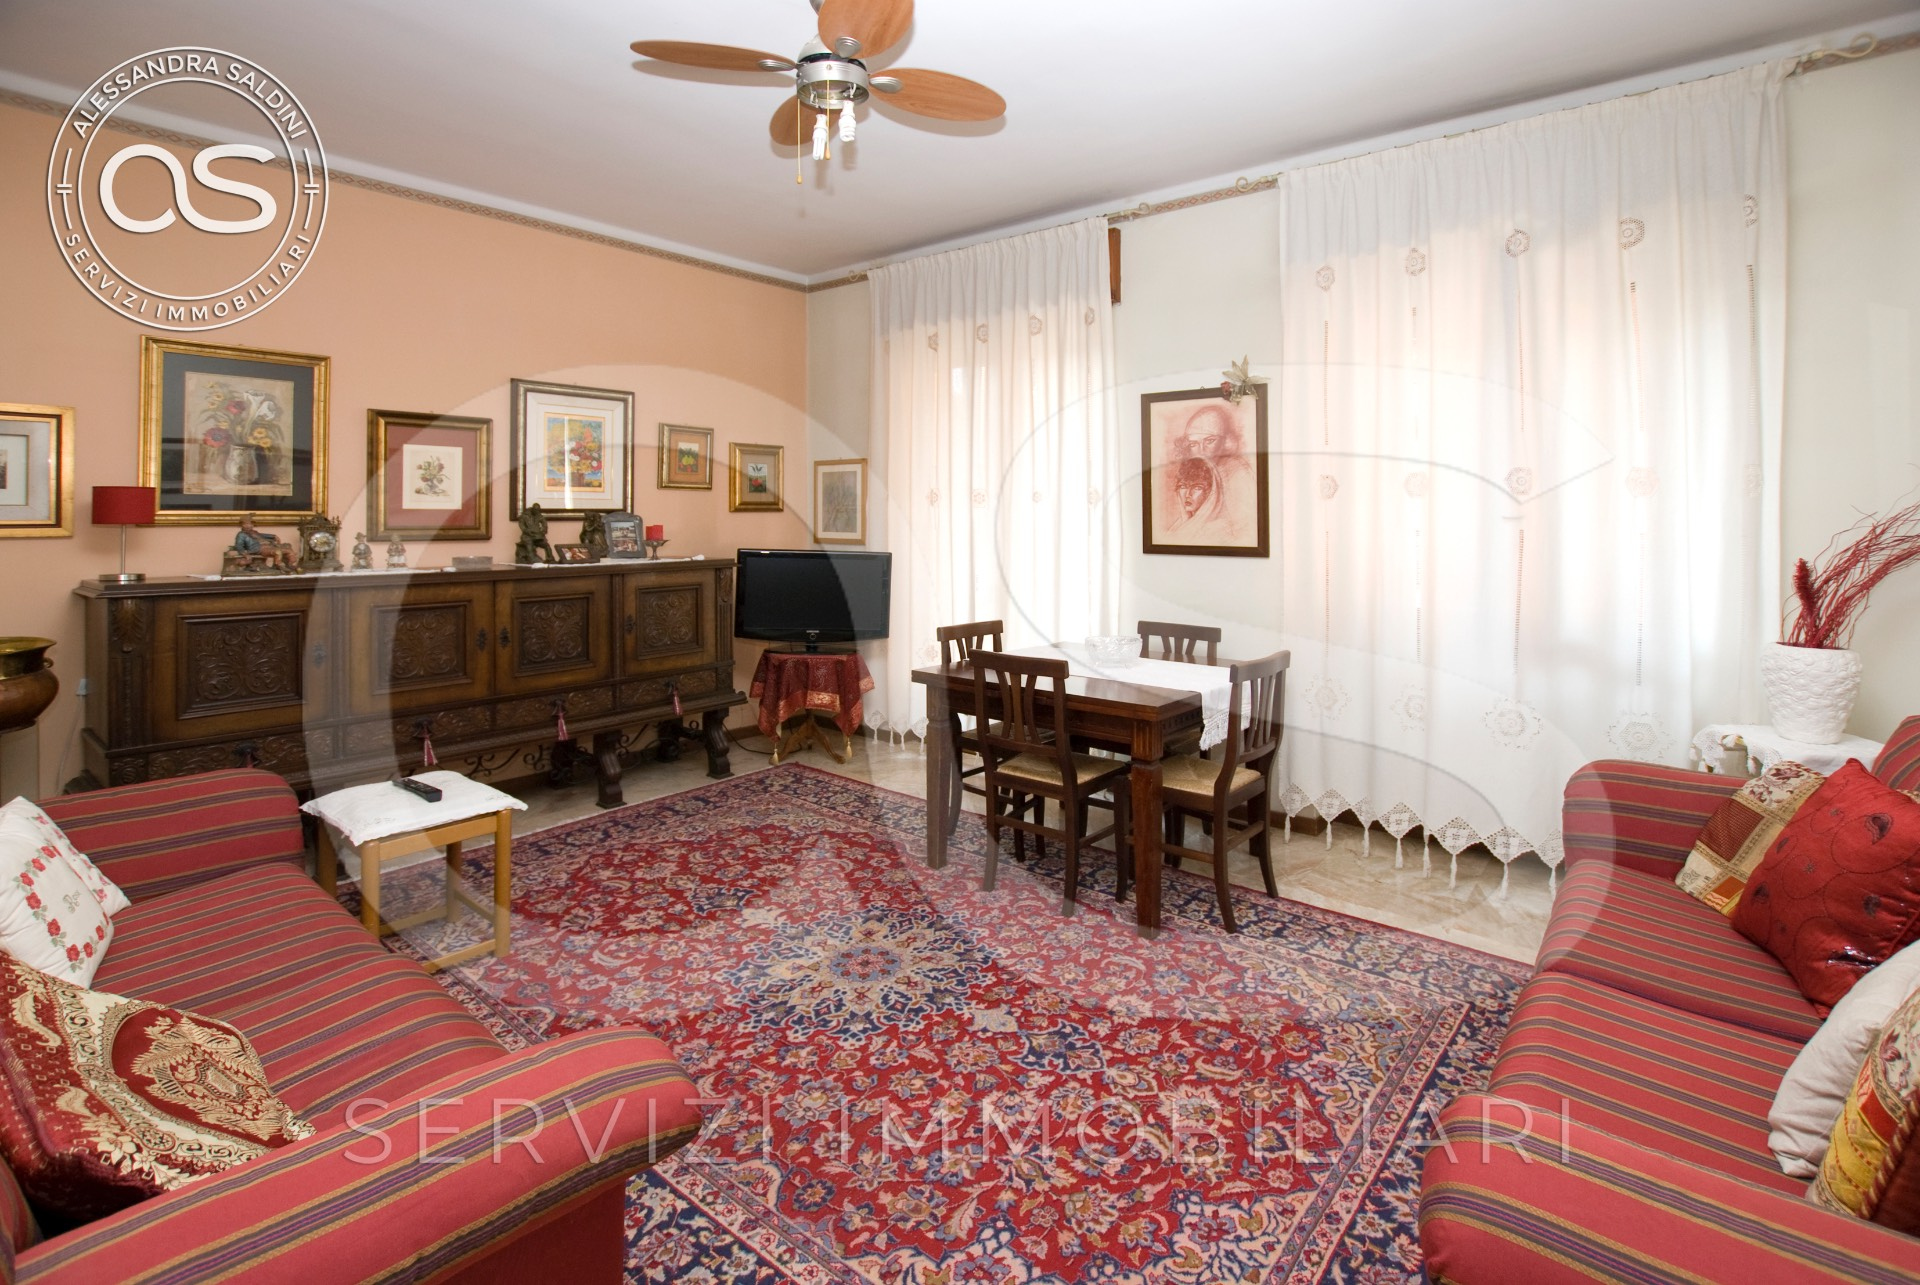 Appartamento in vendita a Manerbio, 3 locali, prezzo € 108.000 | PortaleAgenzieImmobiliari.it